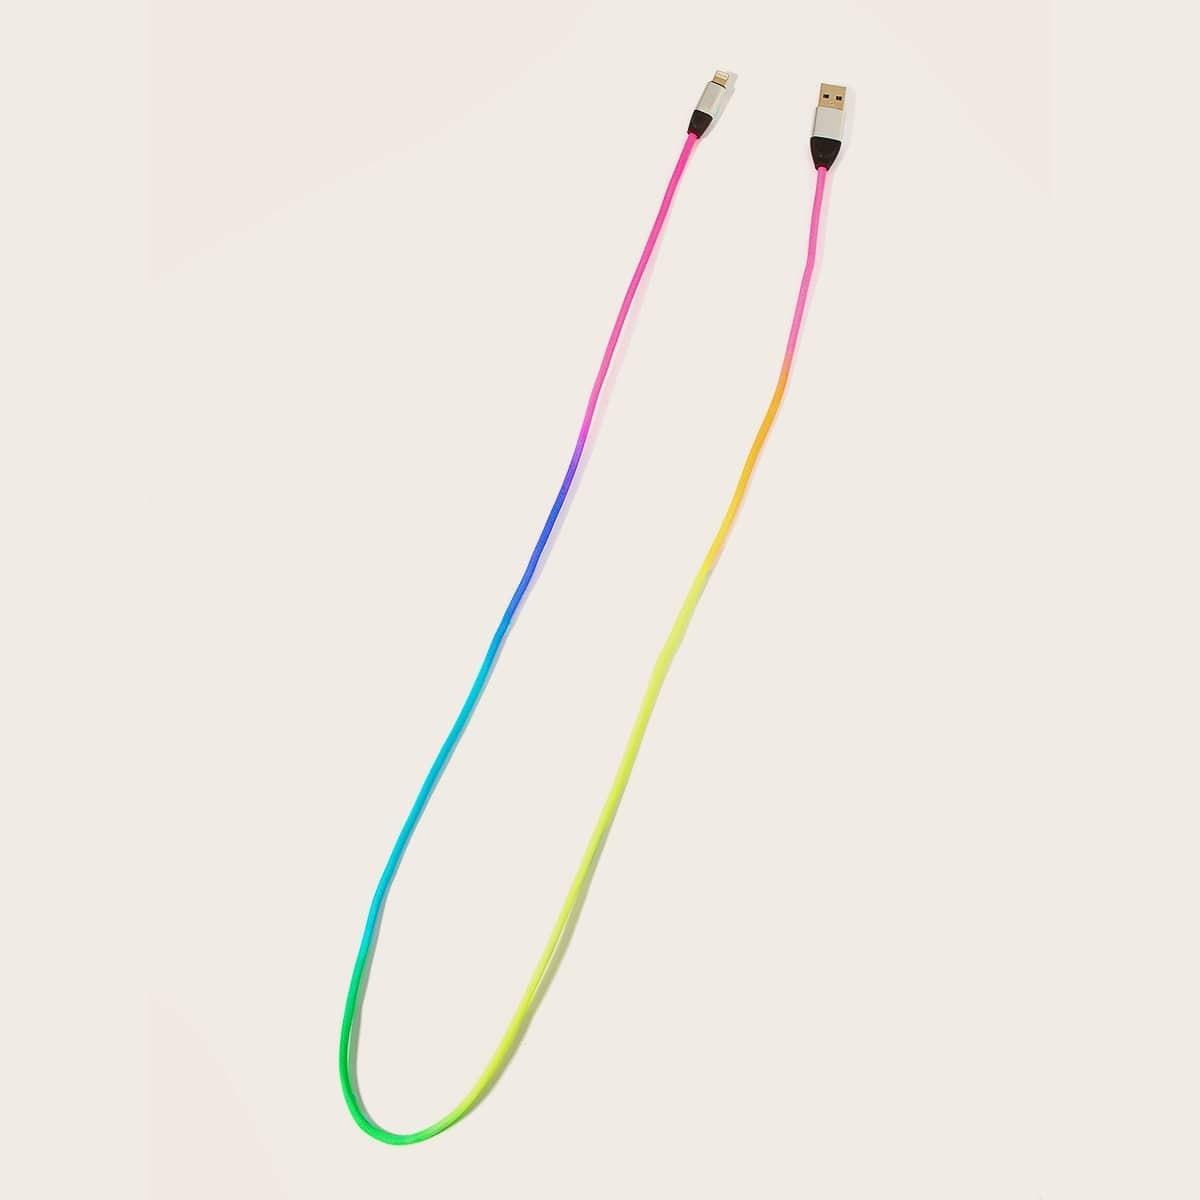 Kleurrijke iPhone-oplaadkabel